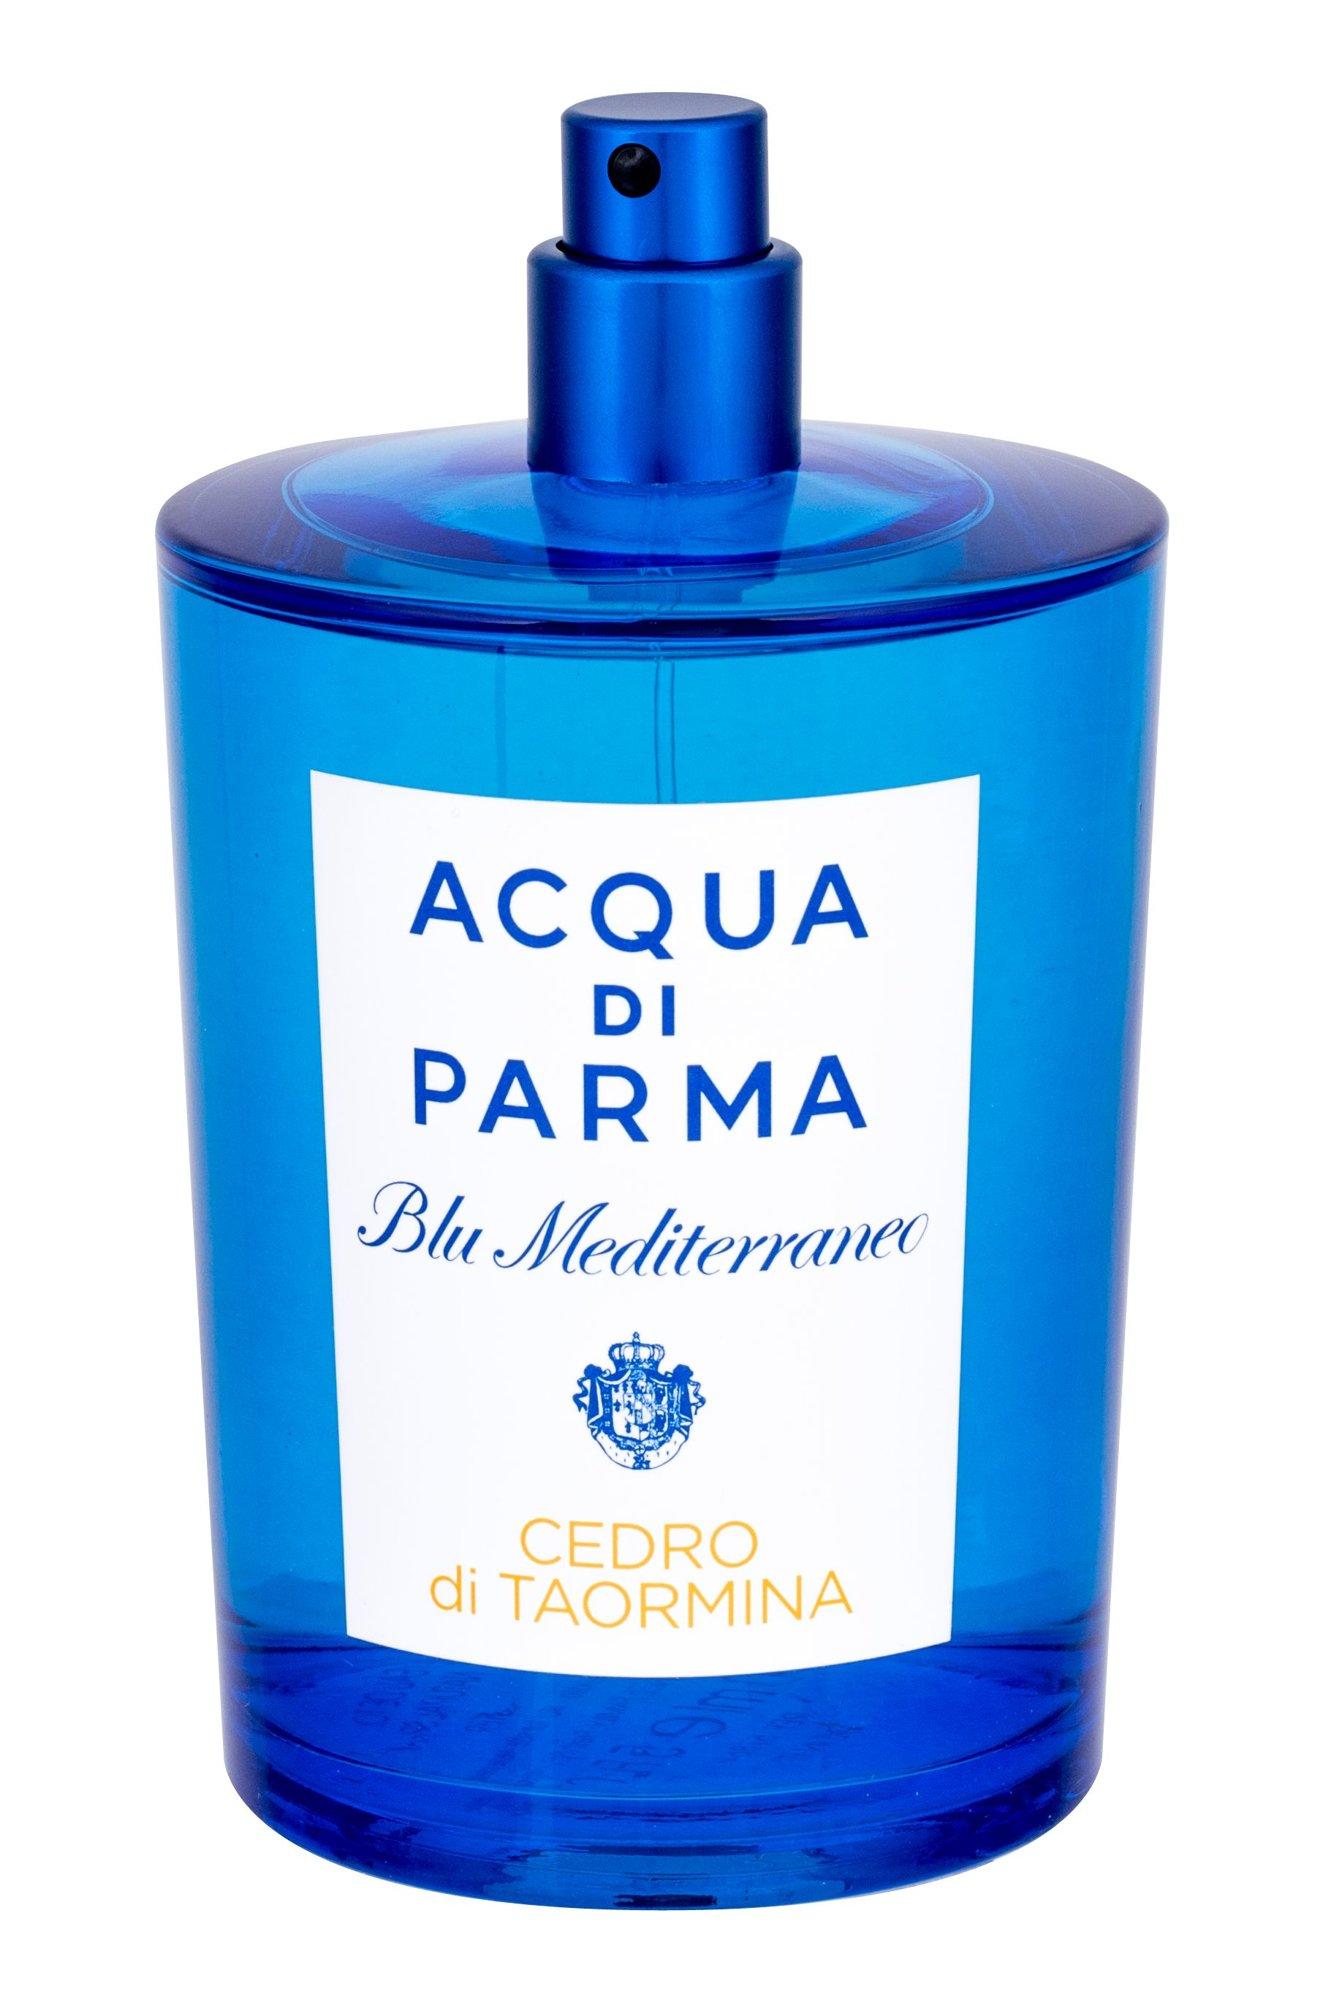 Acqua di Parma Cedro di Taormina EDT 150ml